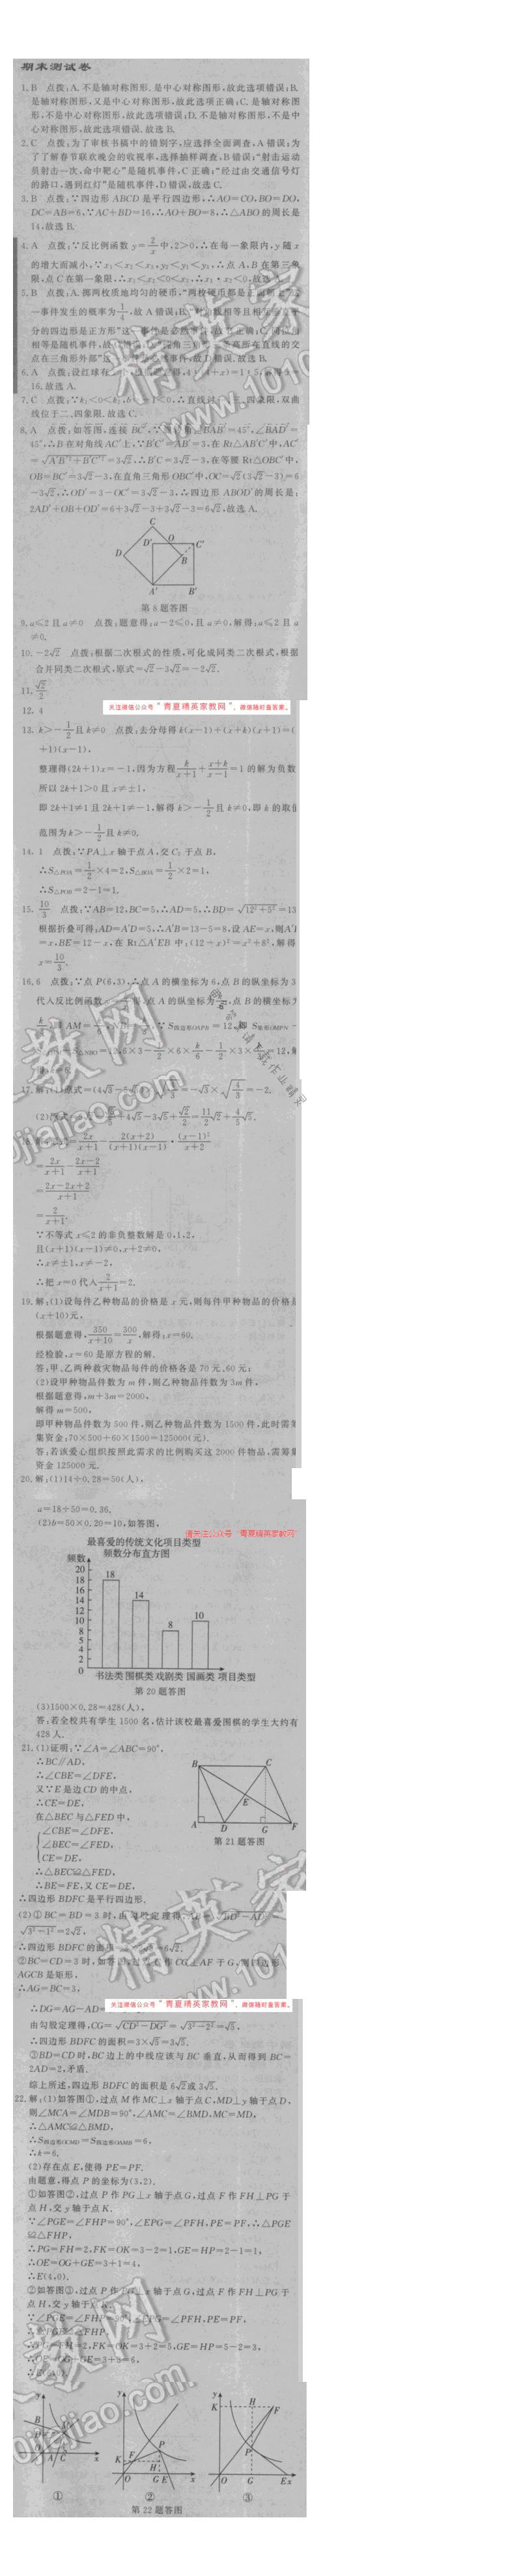 2016年启东中学作业本八年级数学下册江苏版 期末测试卷